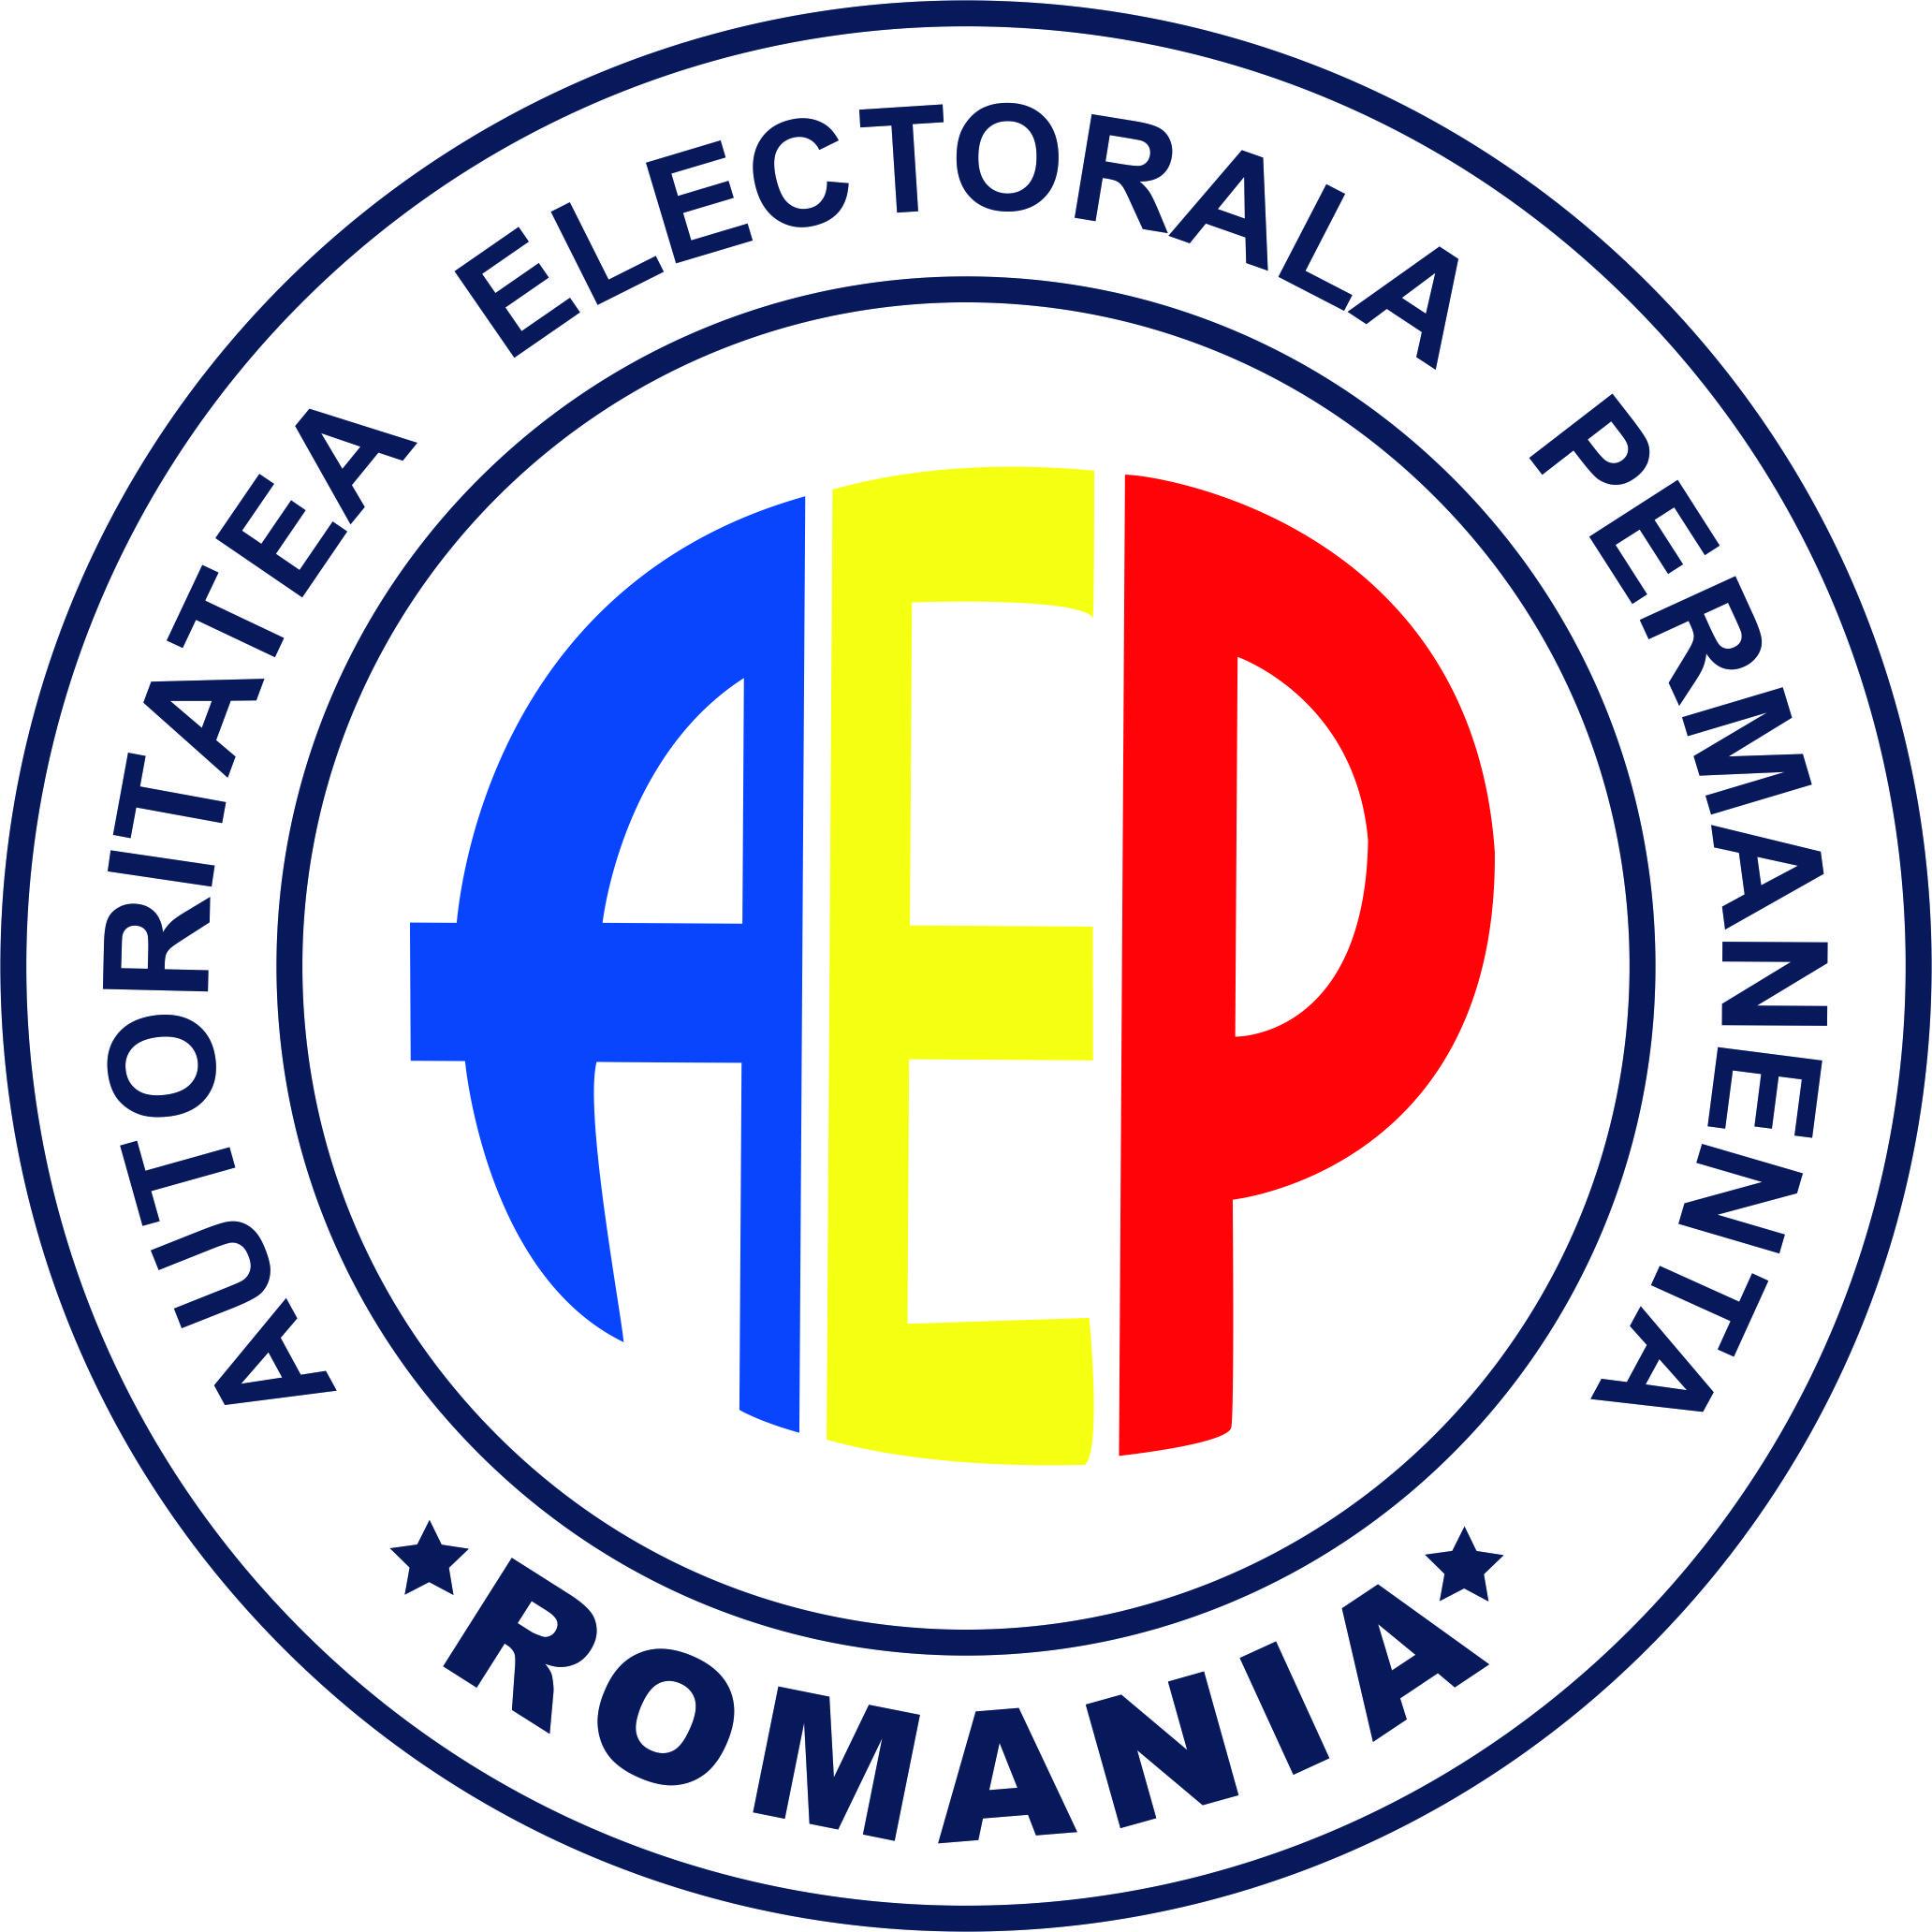 Lupul paznic la oi: solicităm retragerea propunerii lui Mircea Drăghici pentru postul de președinte al Autorității Electorale Permanente